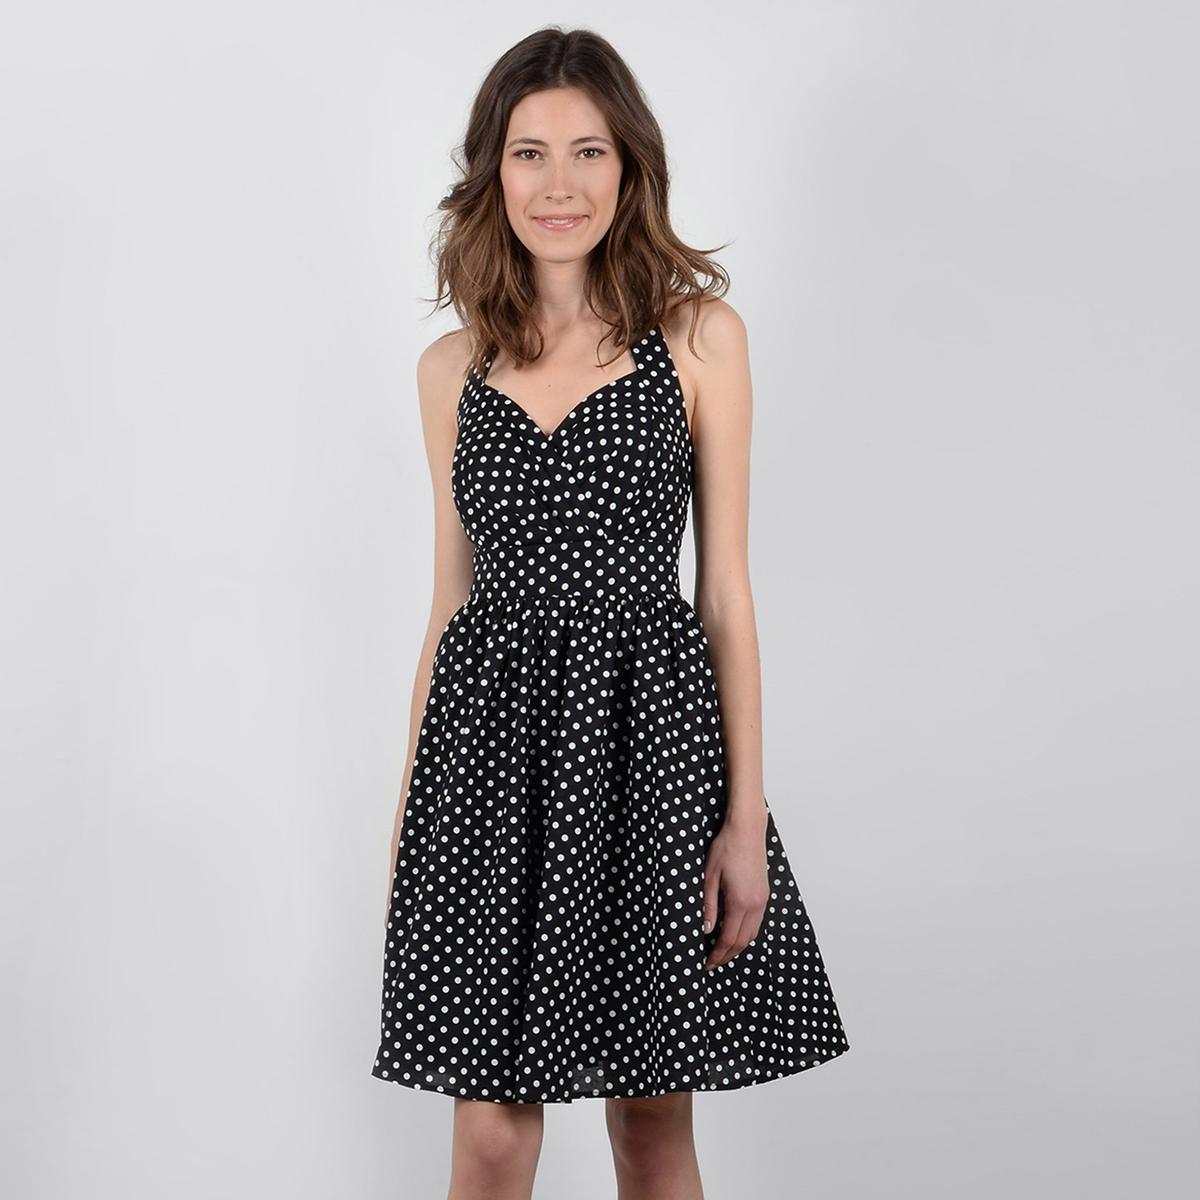 Платье расклешенное средней длины с графическим рисунком lg lg cfr 100c quickcircle для g4